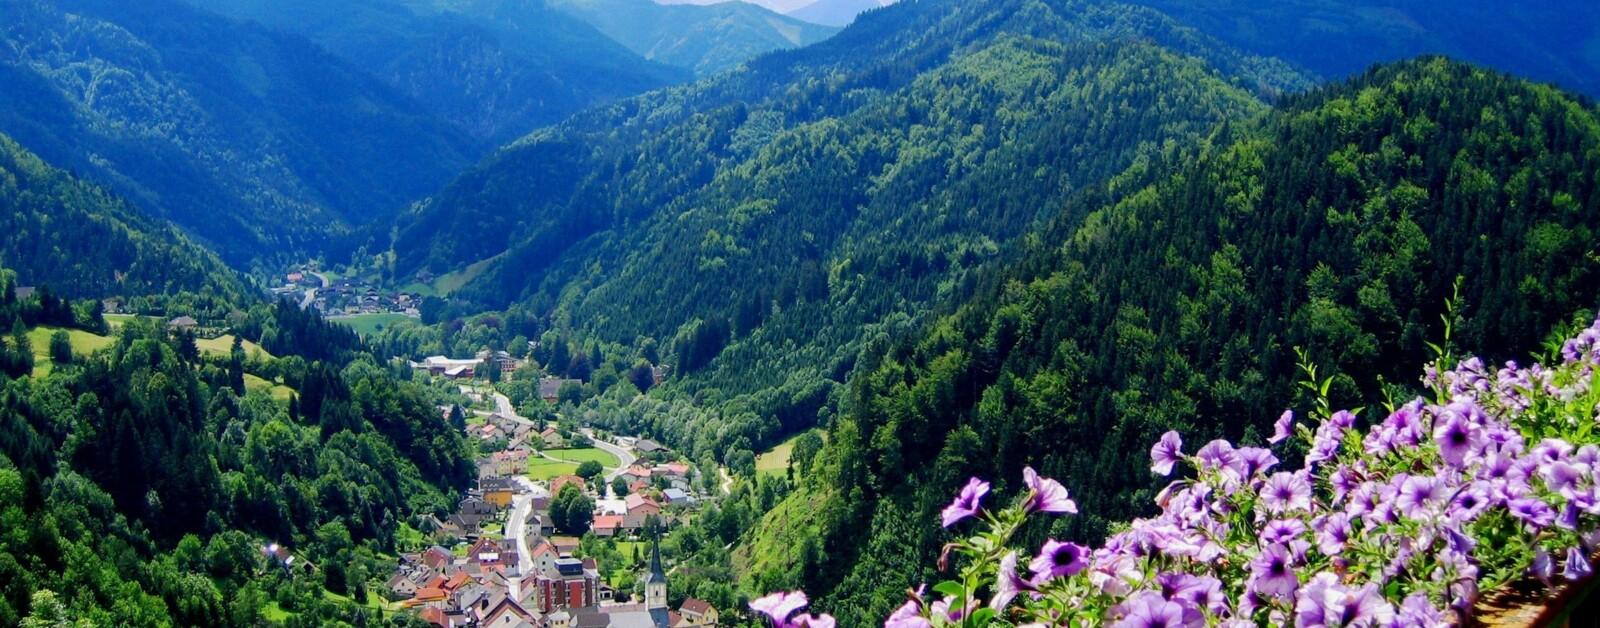 www.austria.info